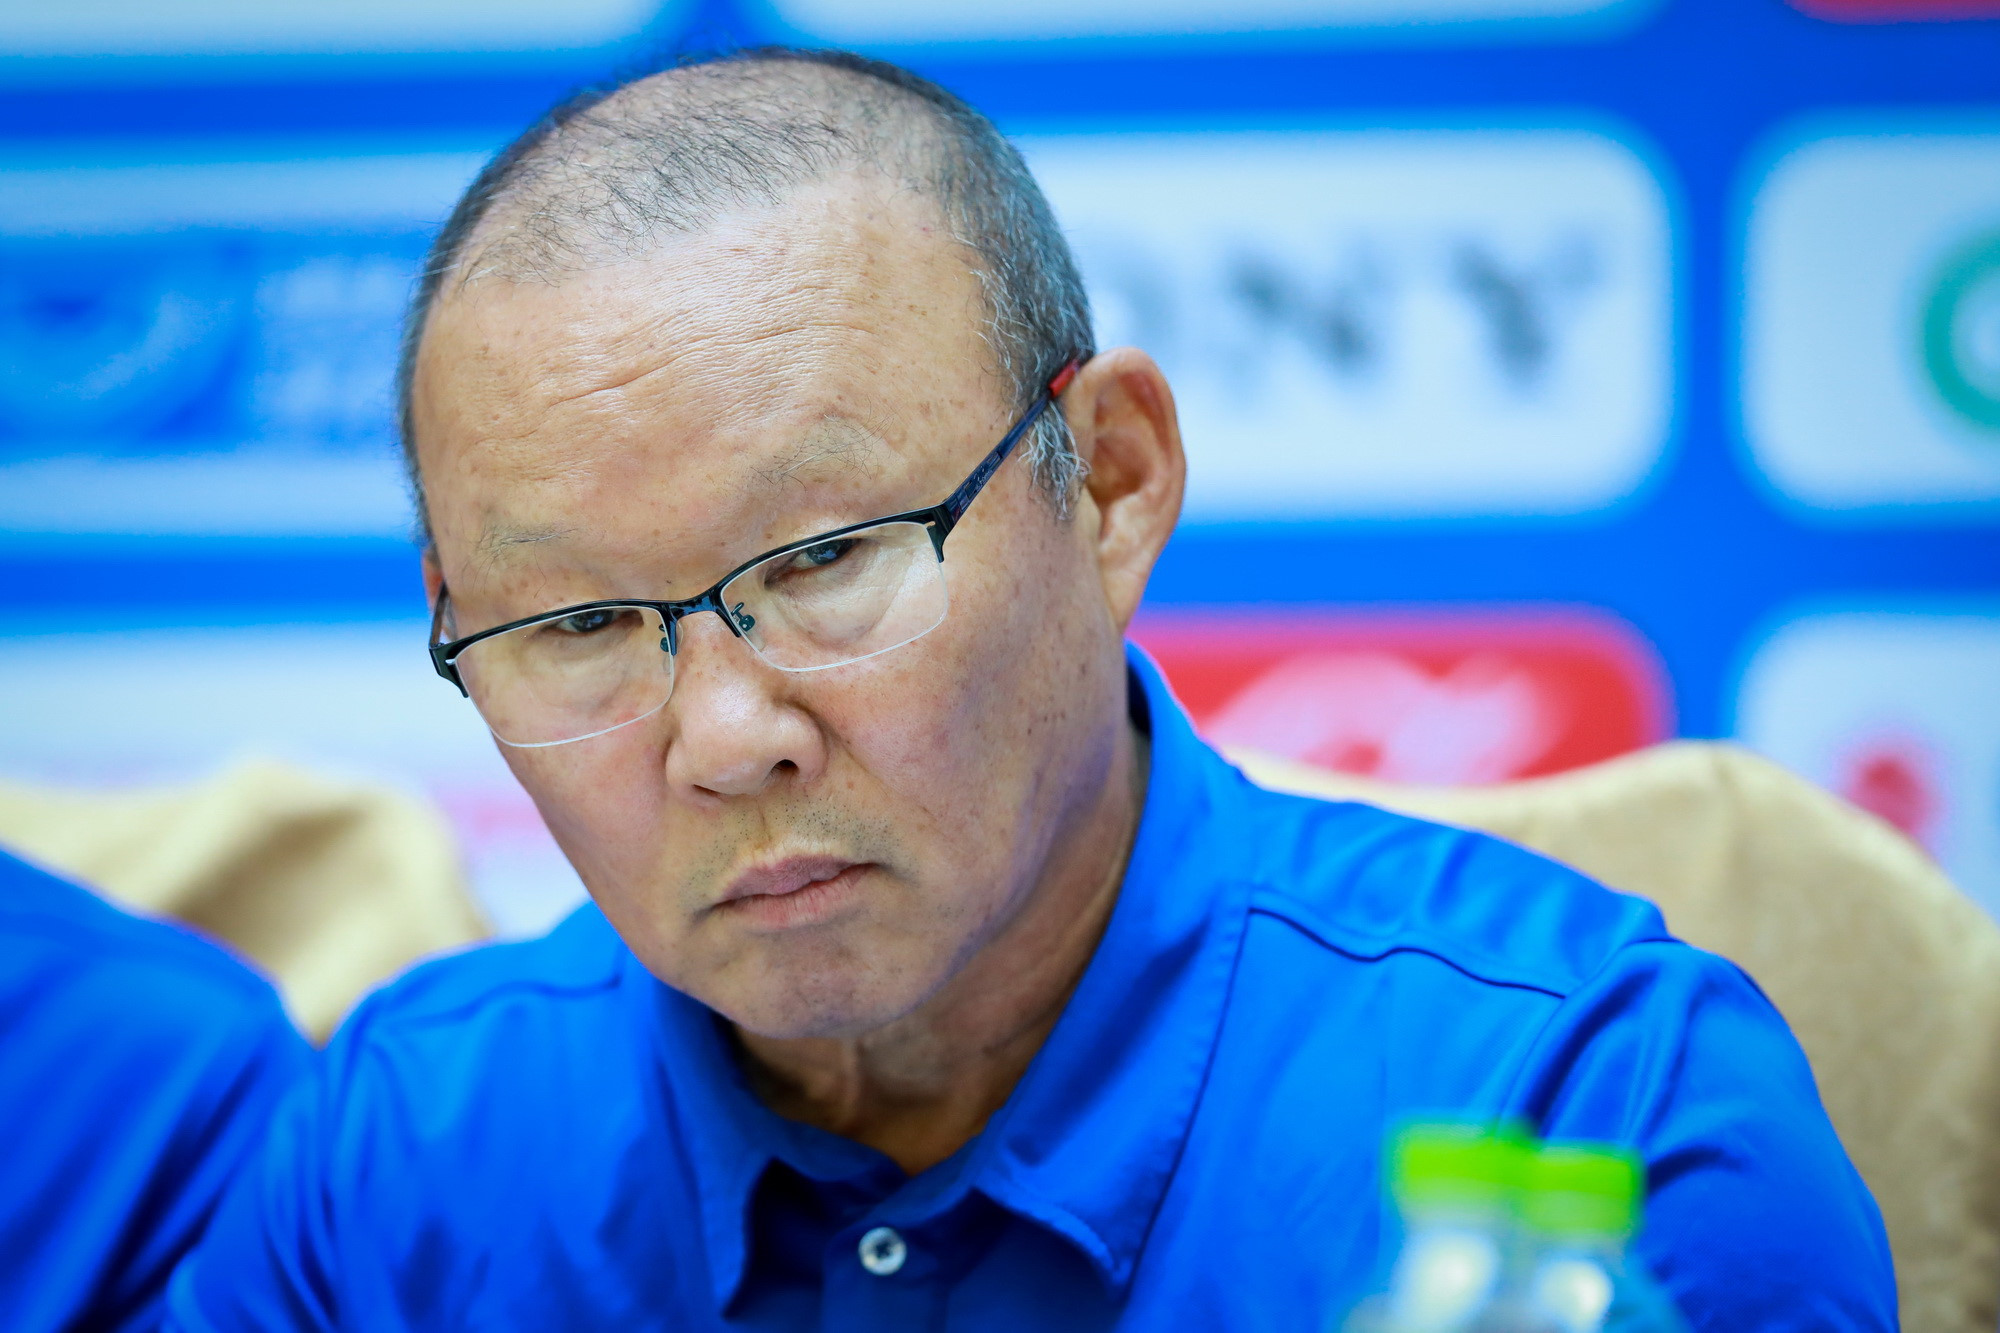 Tại sao HLV Park muốn thủ môn Incheon tiếp tục thi đấu dù nhận thẻ đỏ? Ảnh 1